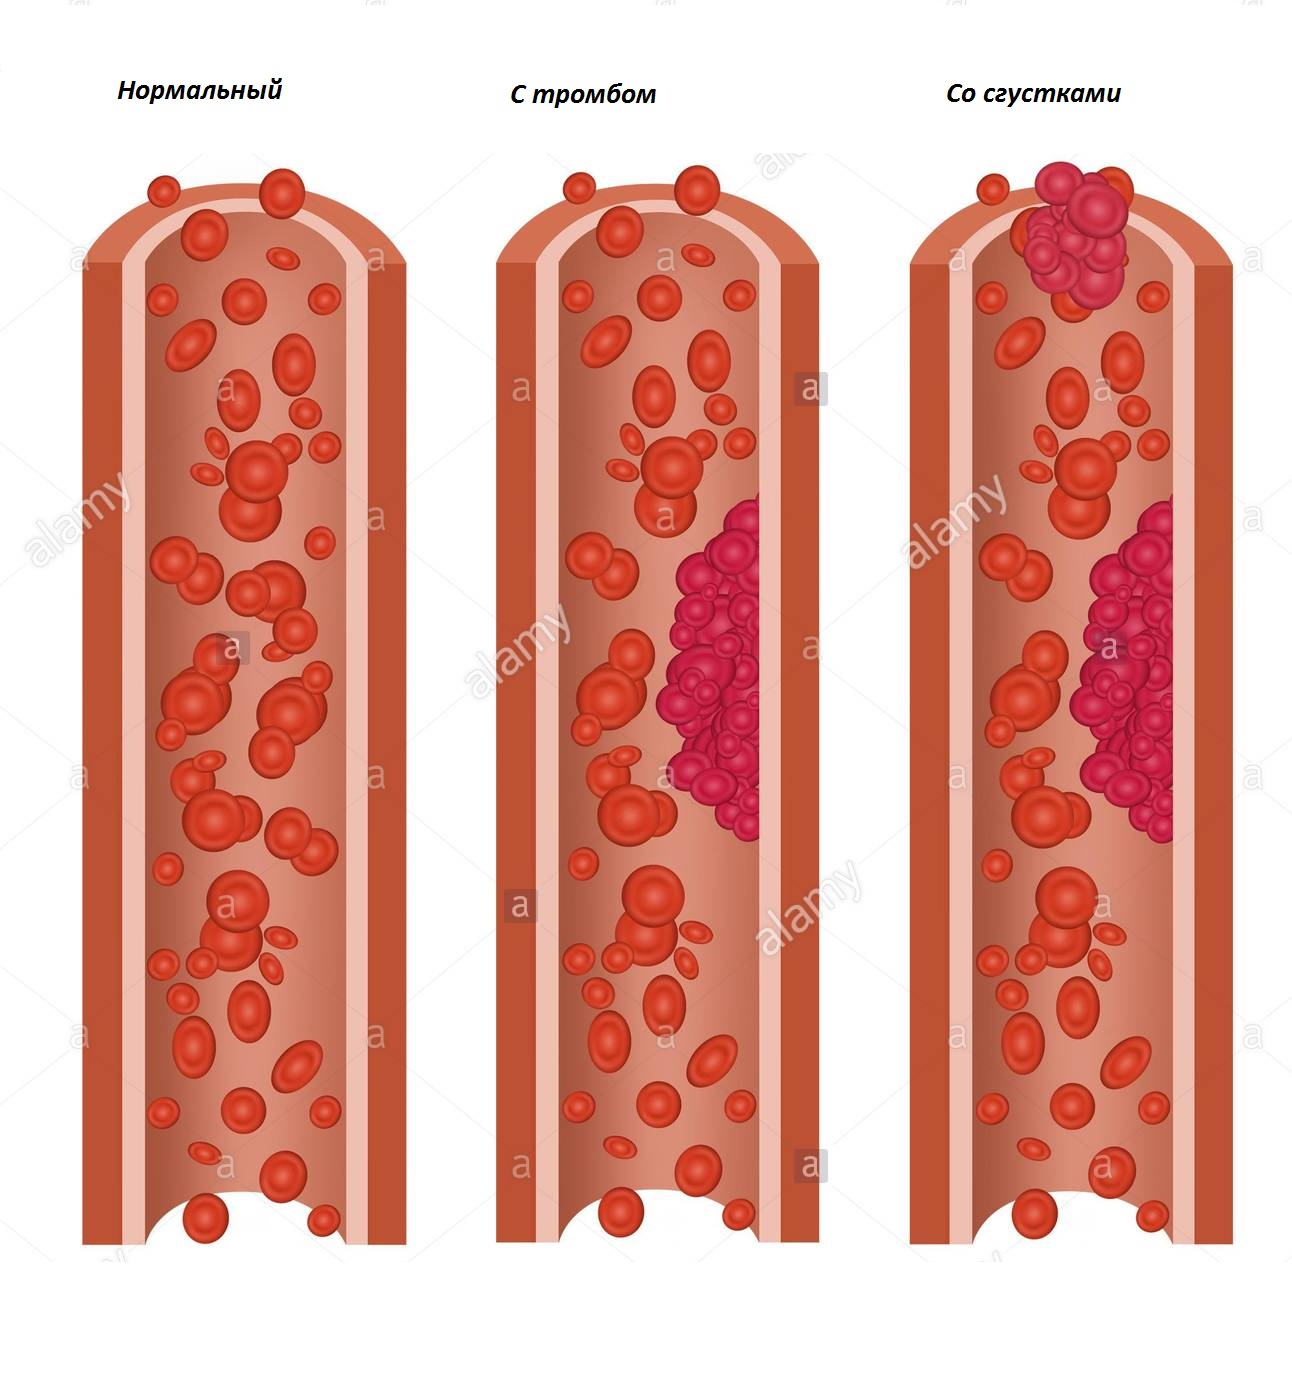 как выглядит нормальная вена и вена с тромбозом